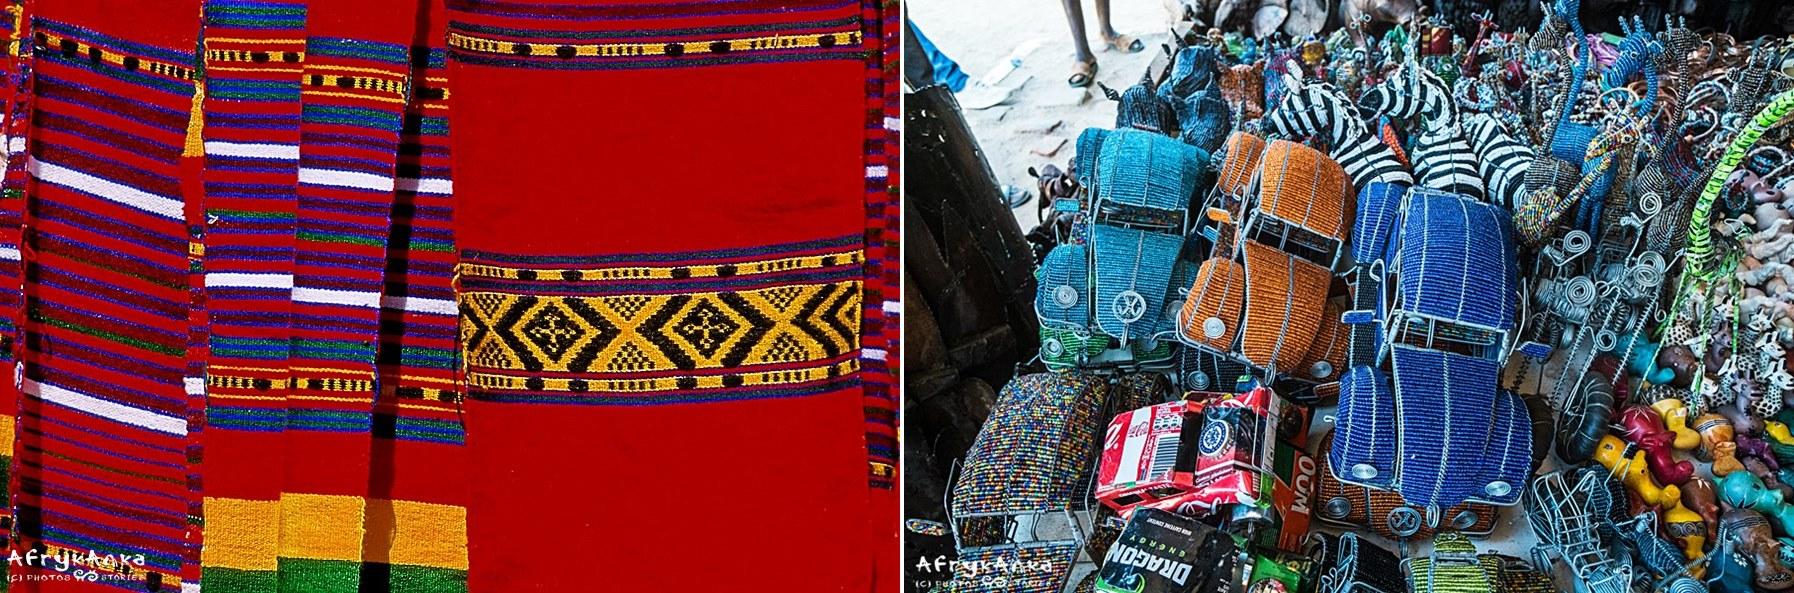 Etiopskie tkaniny i pamiątki z koralików i drutu. Made in Africa!